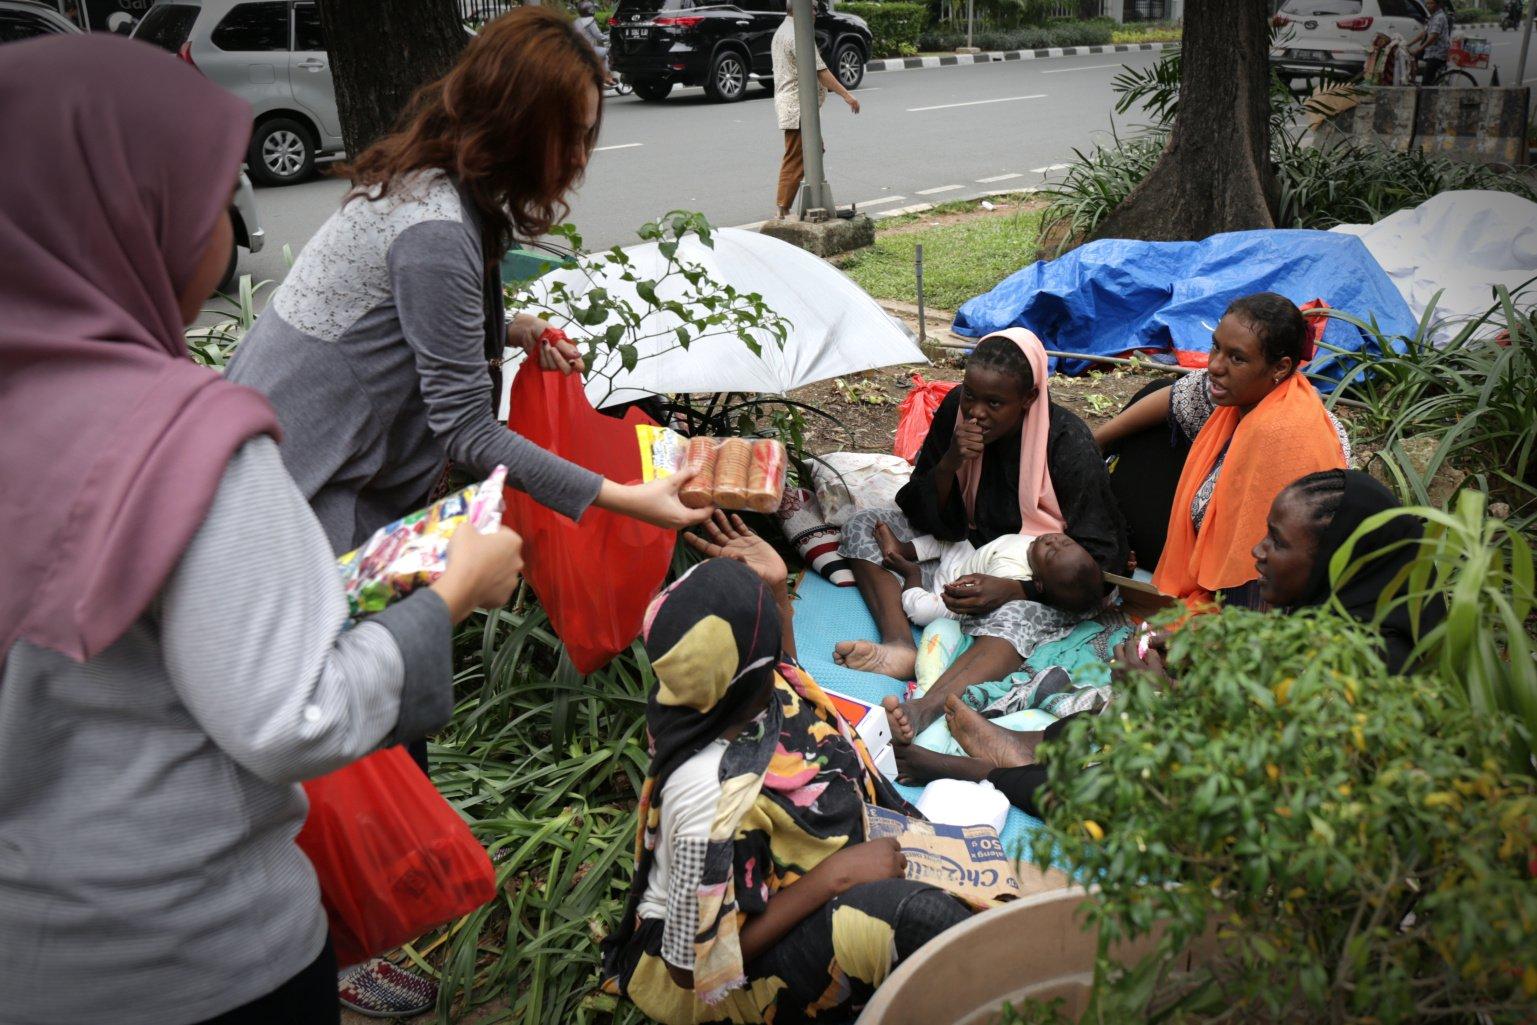 Bersama pencari suaka lainnya para pengungsi berharap UNHCR benar-benar memberikan jaminan perlindungan untuk bisa mengakhiri hidup di trotoar seperti yang dialaminya sekarang.